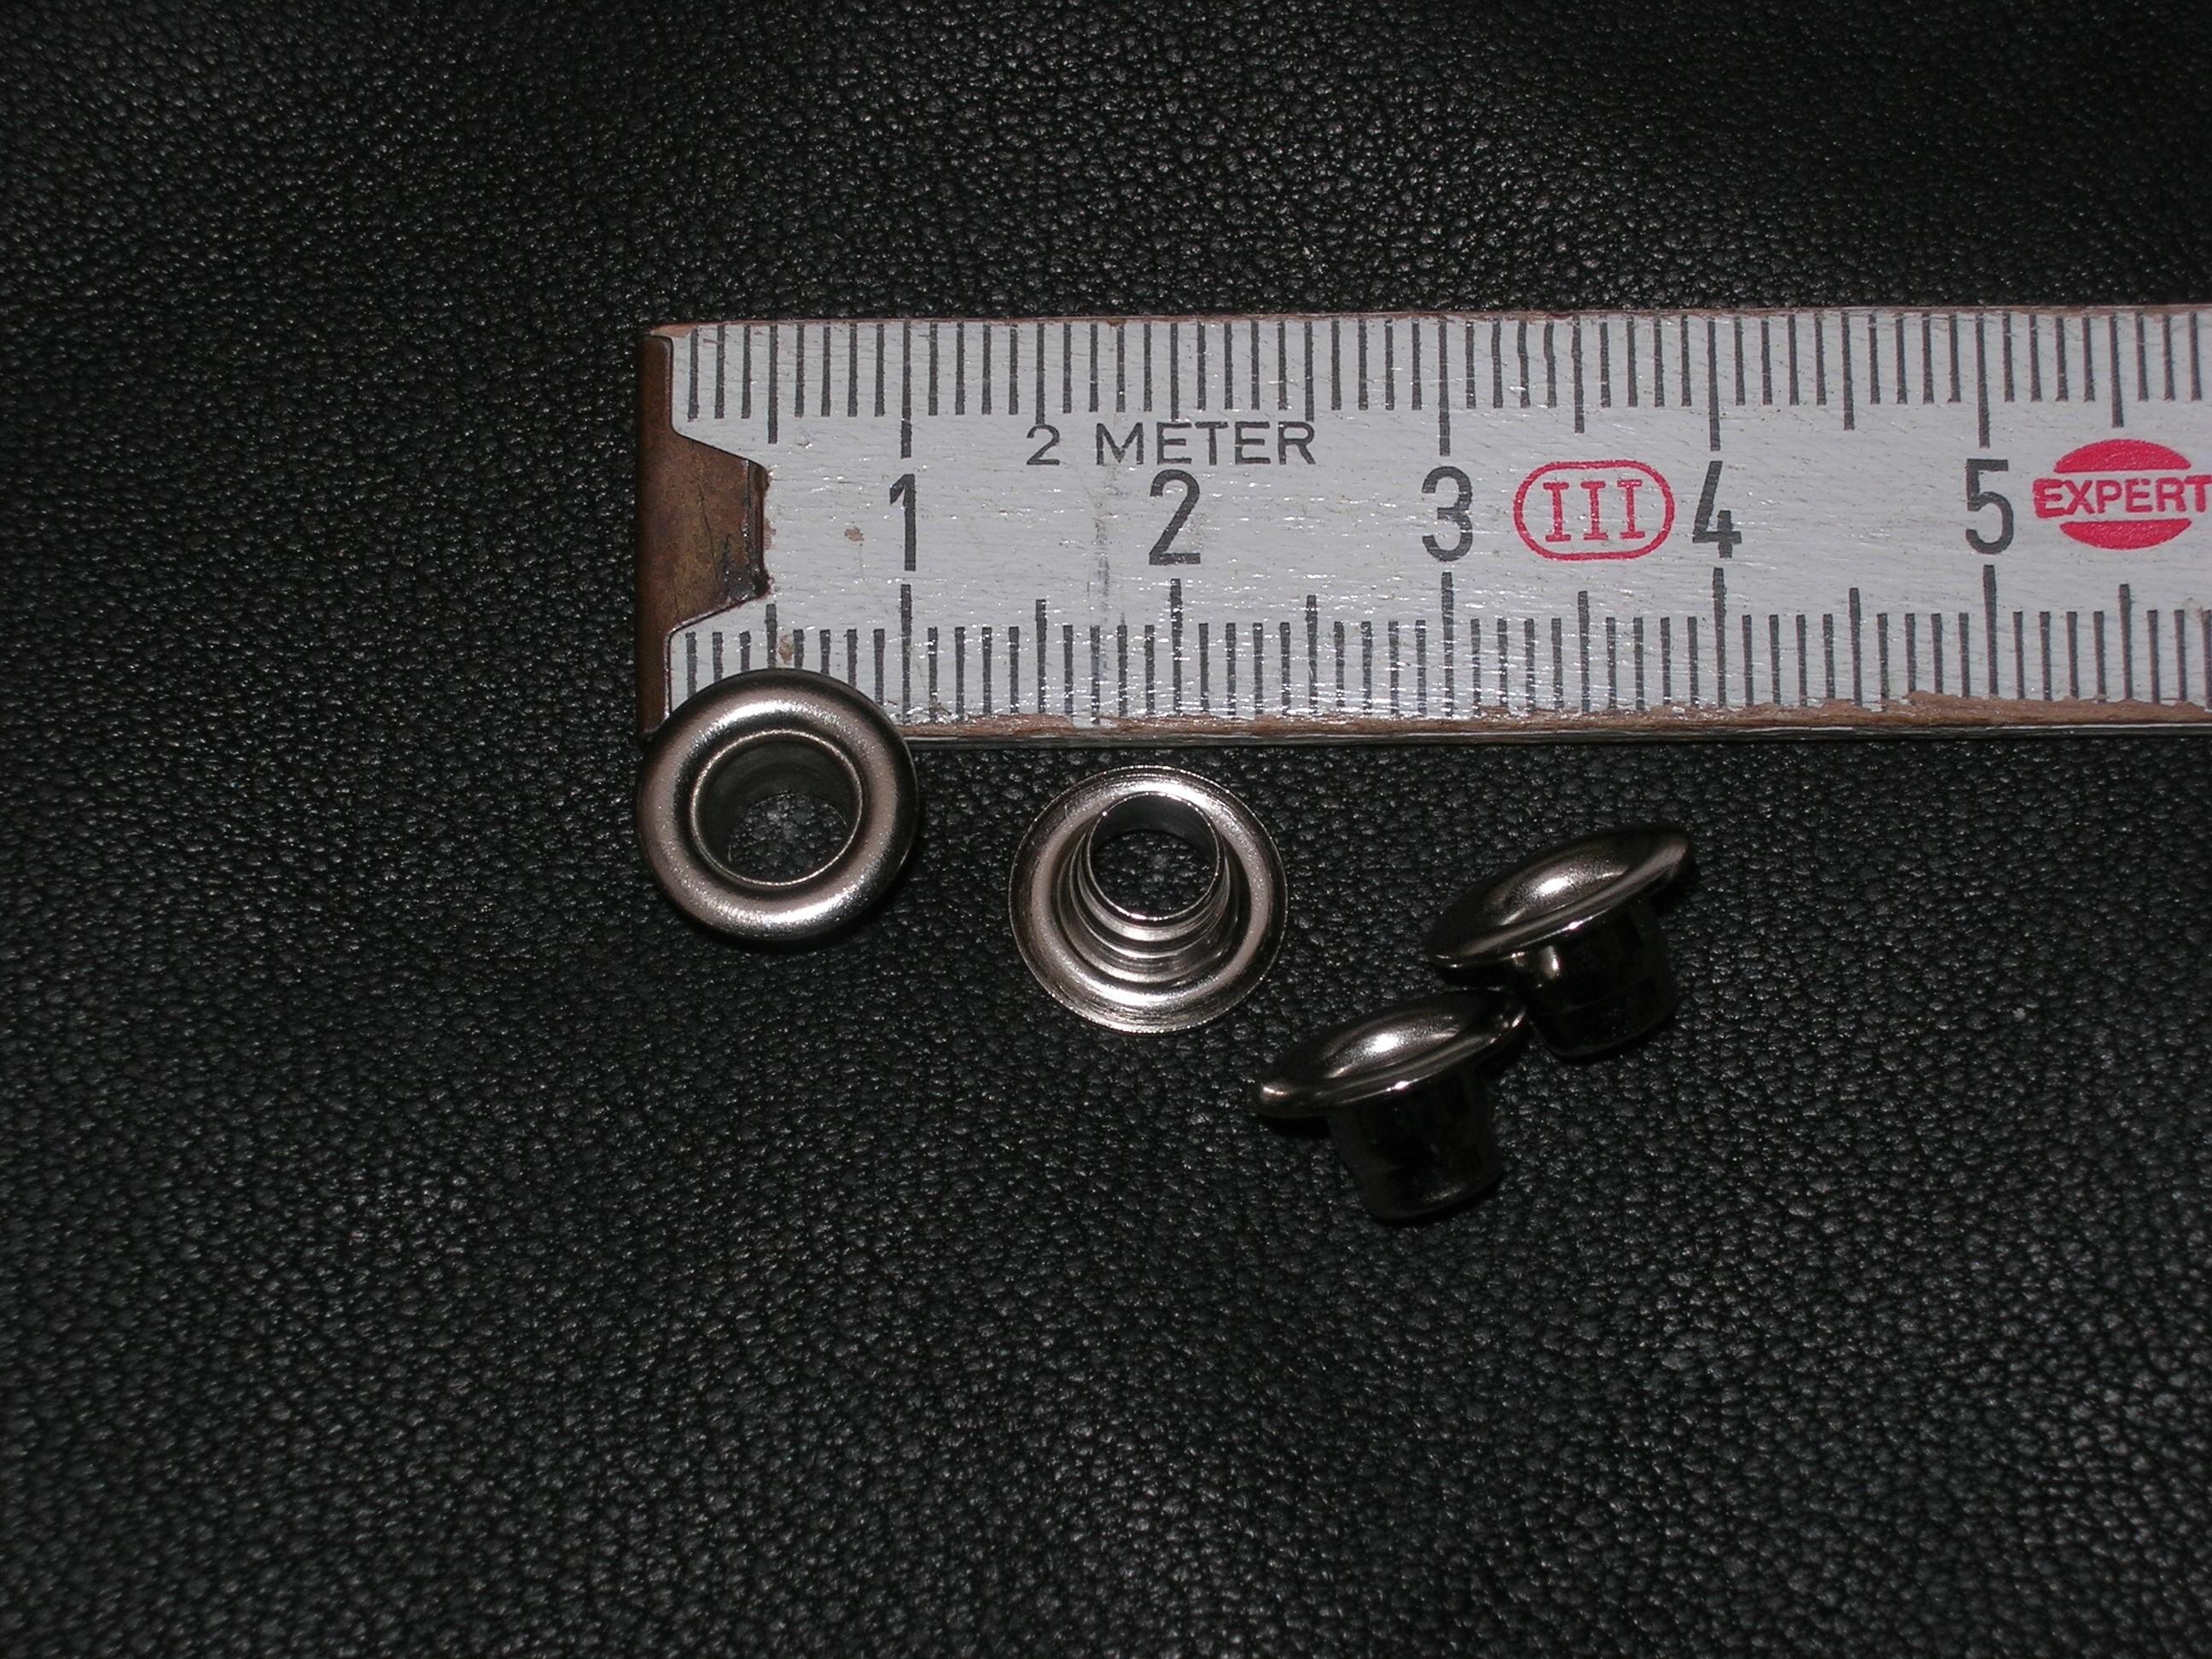 Ösen 5,0 mm massiv messing vernickelt